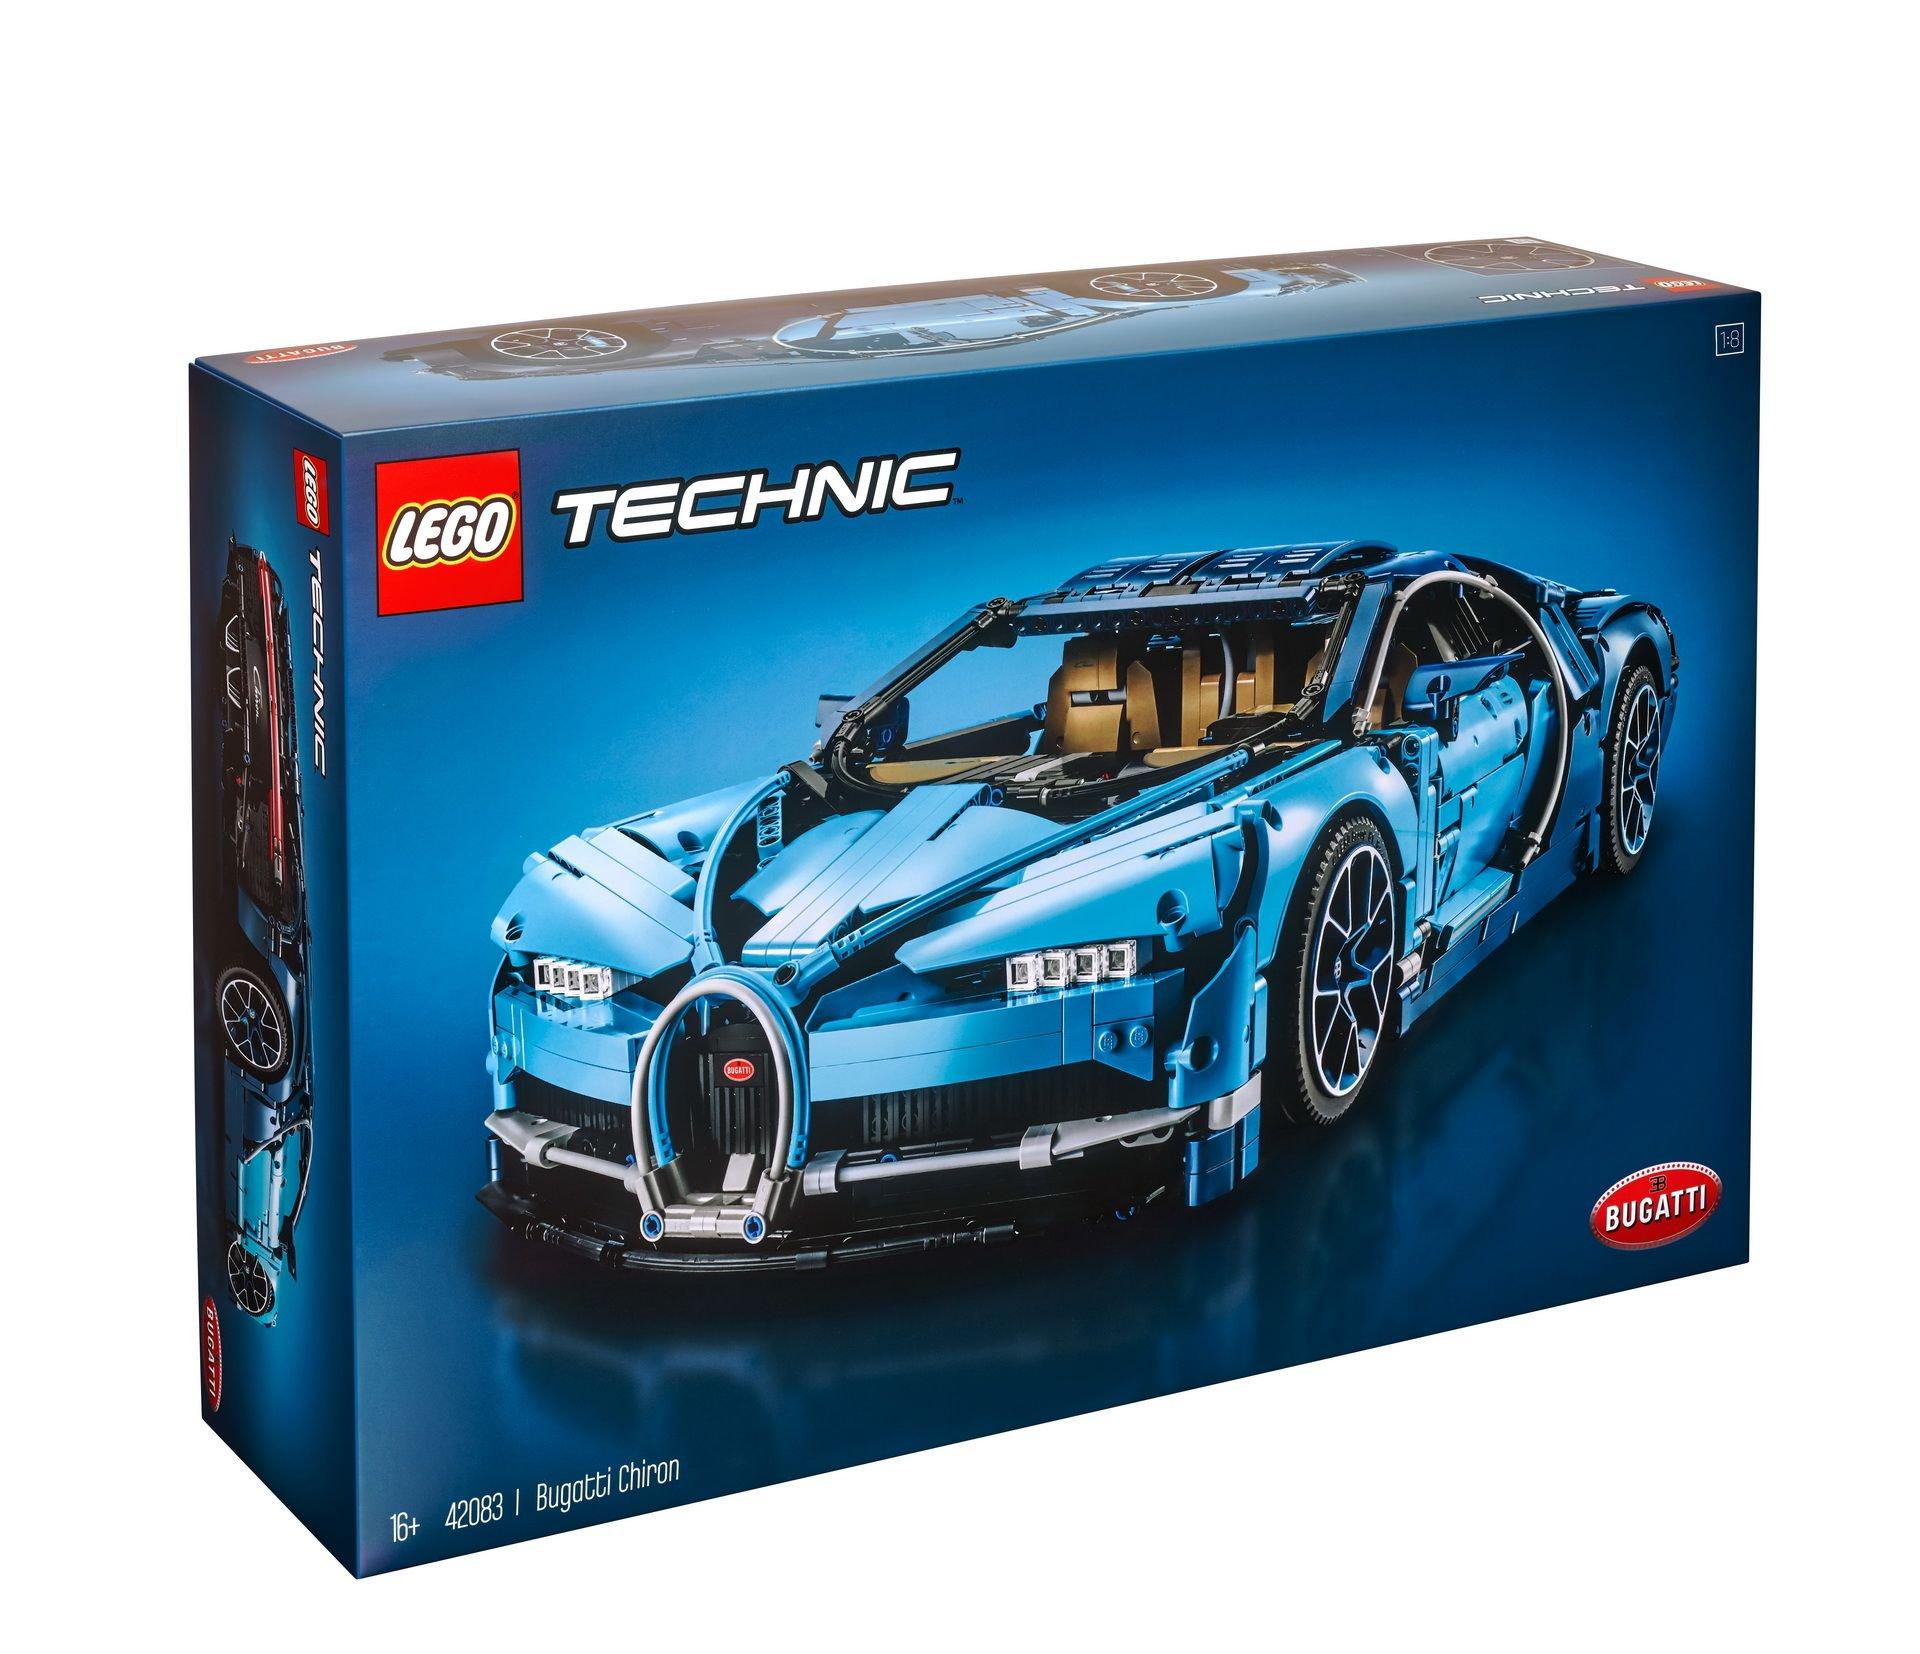 bugatti-chiron-lego-technic-67